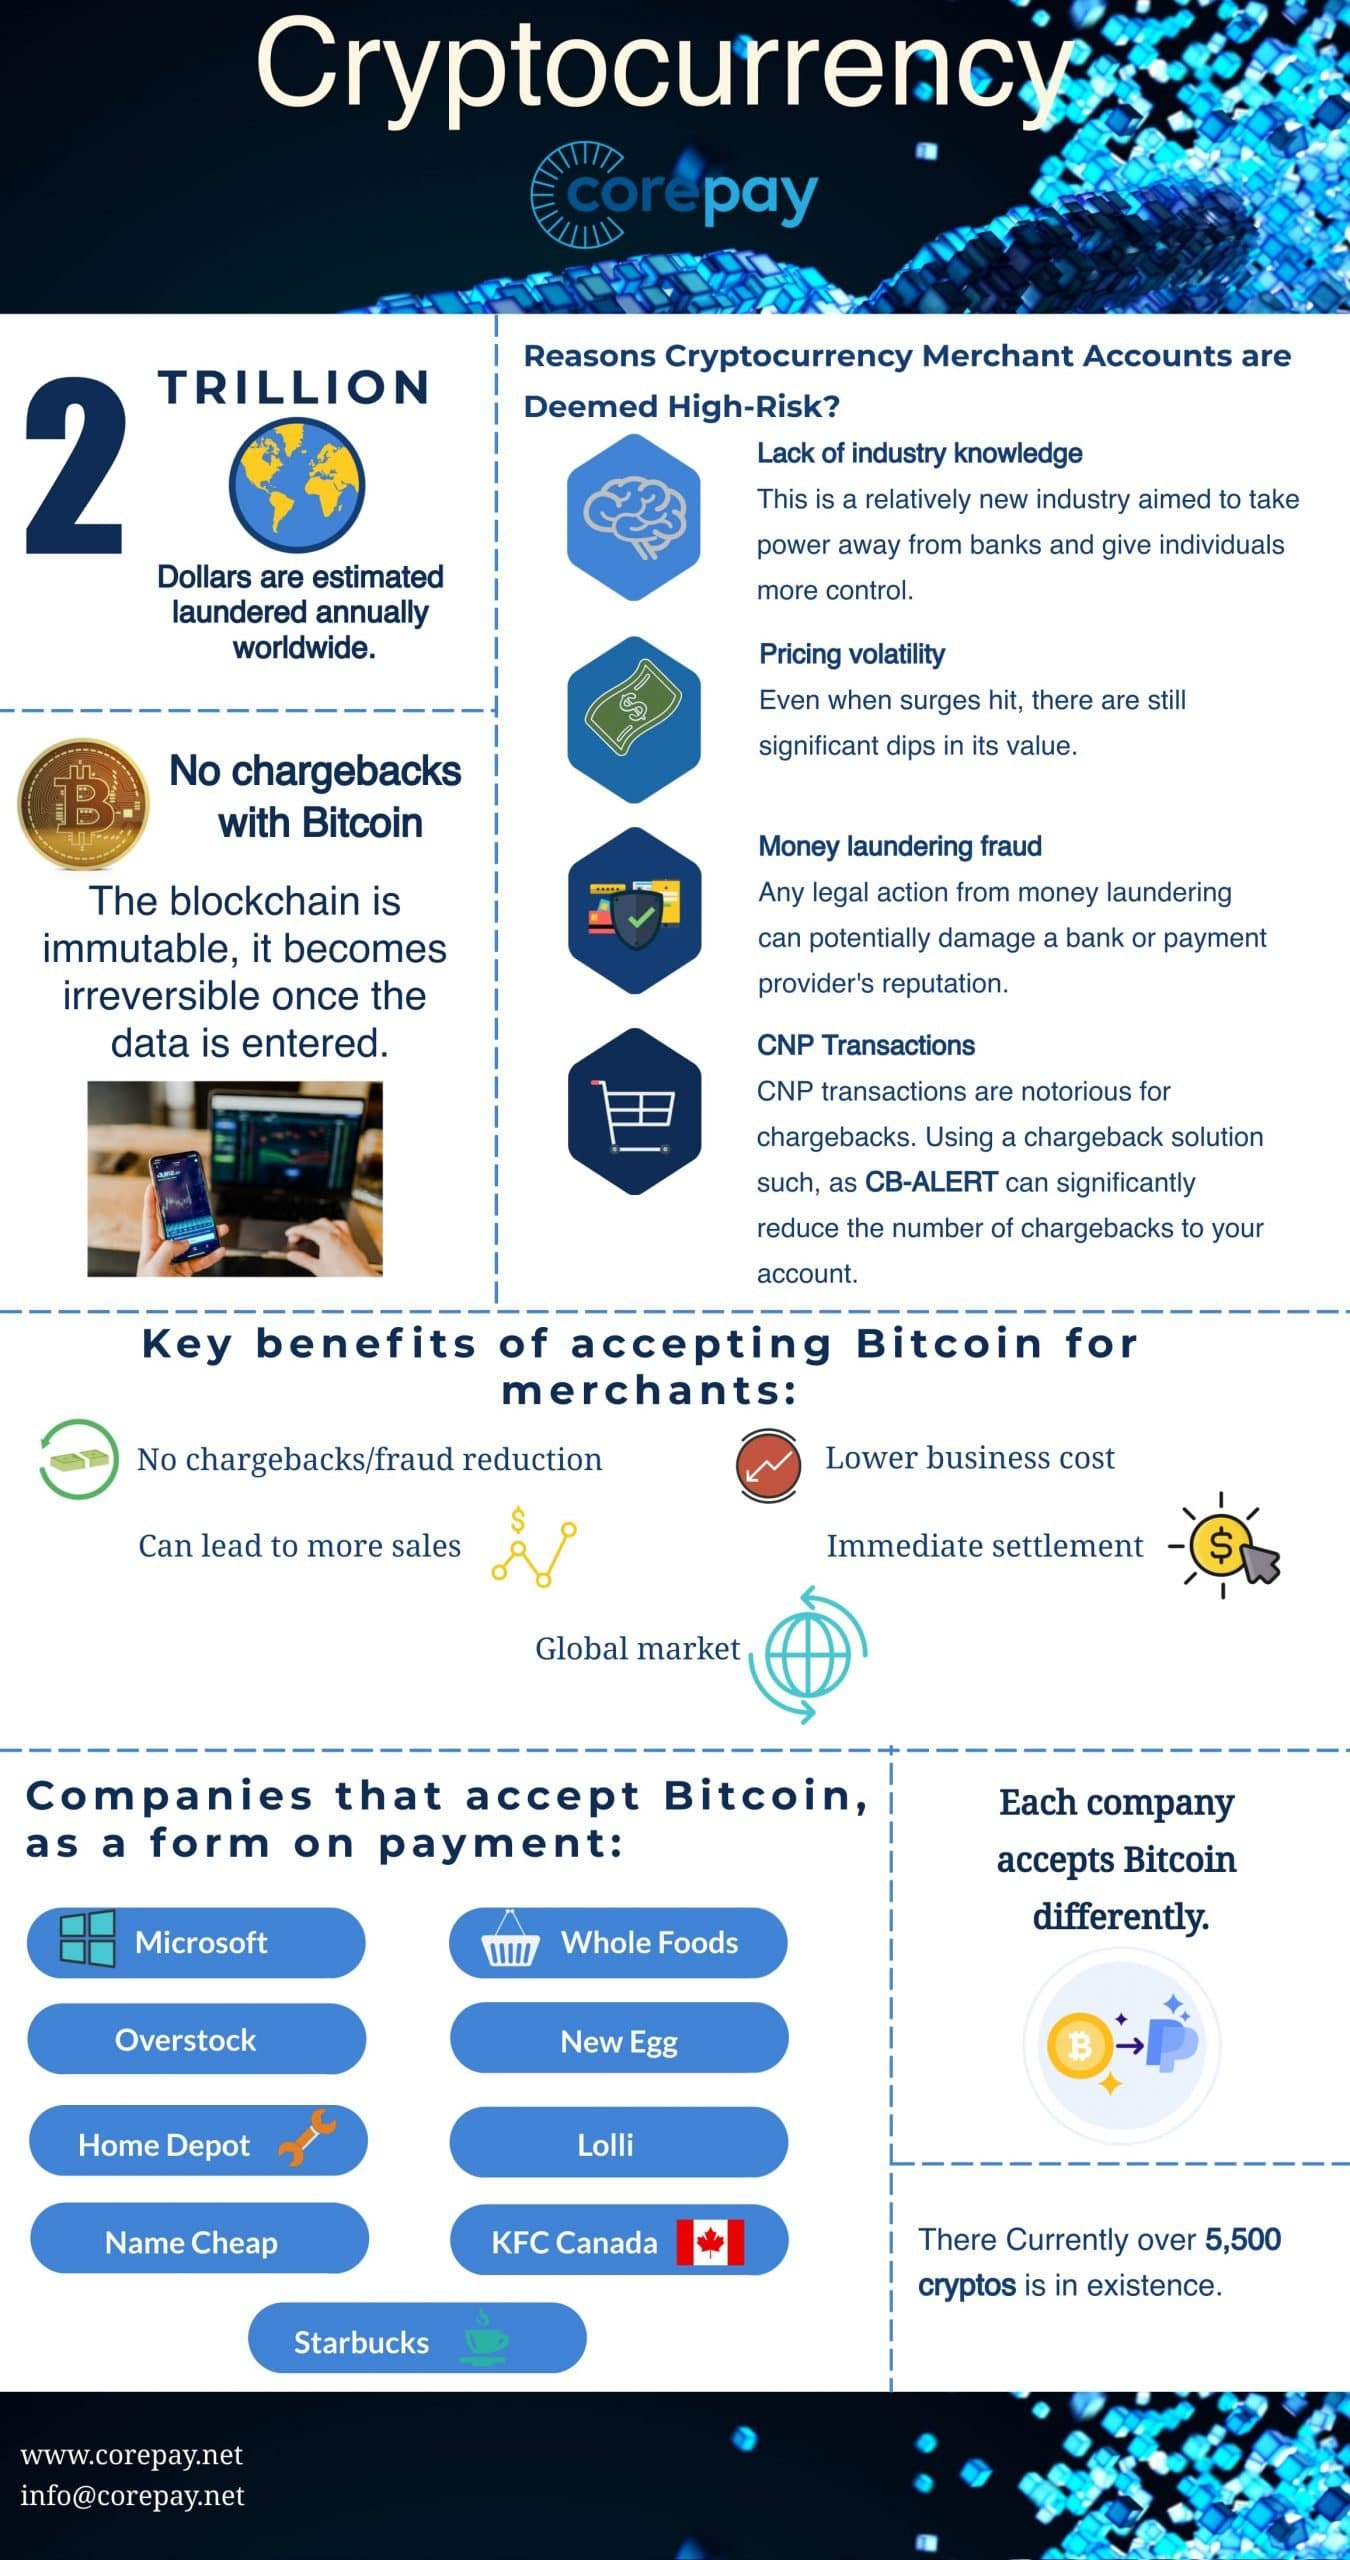 Crypto benefits